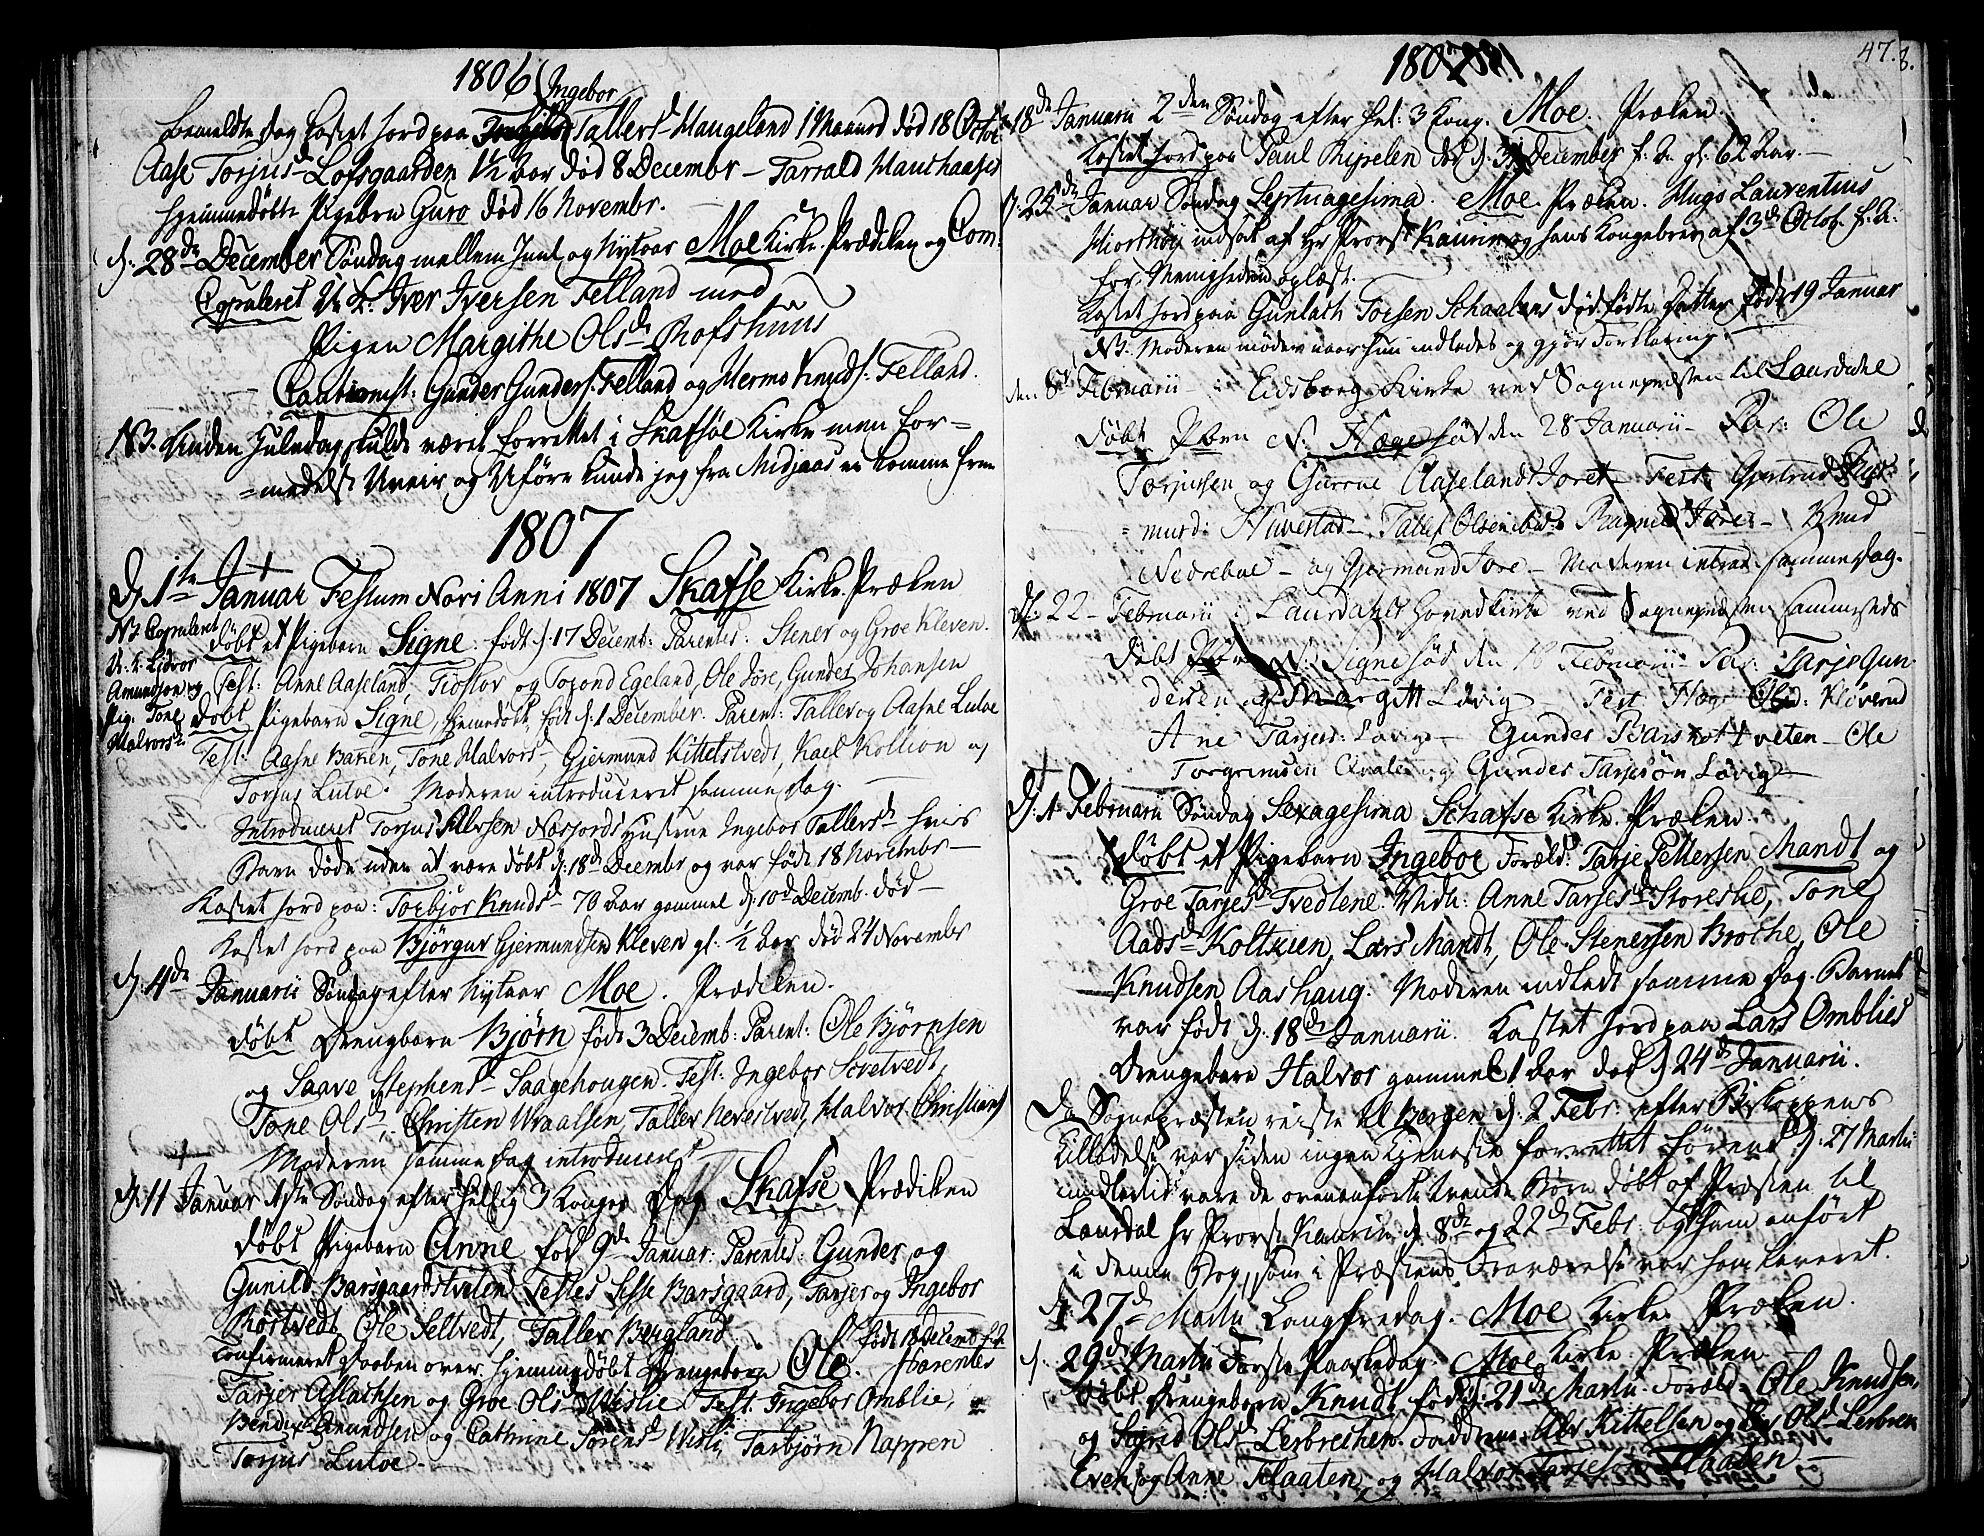 SAKO, Mo kirkebøker, F/Fa/L0003: Ministerialbok nr. I 3, 1800-1814, s. 47